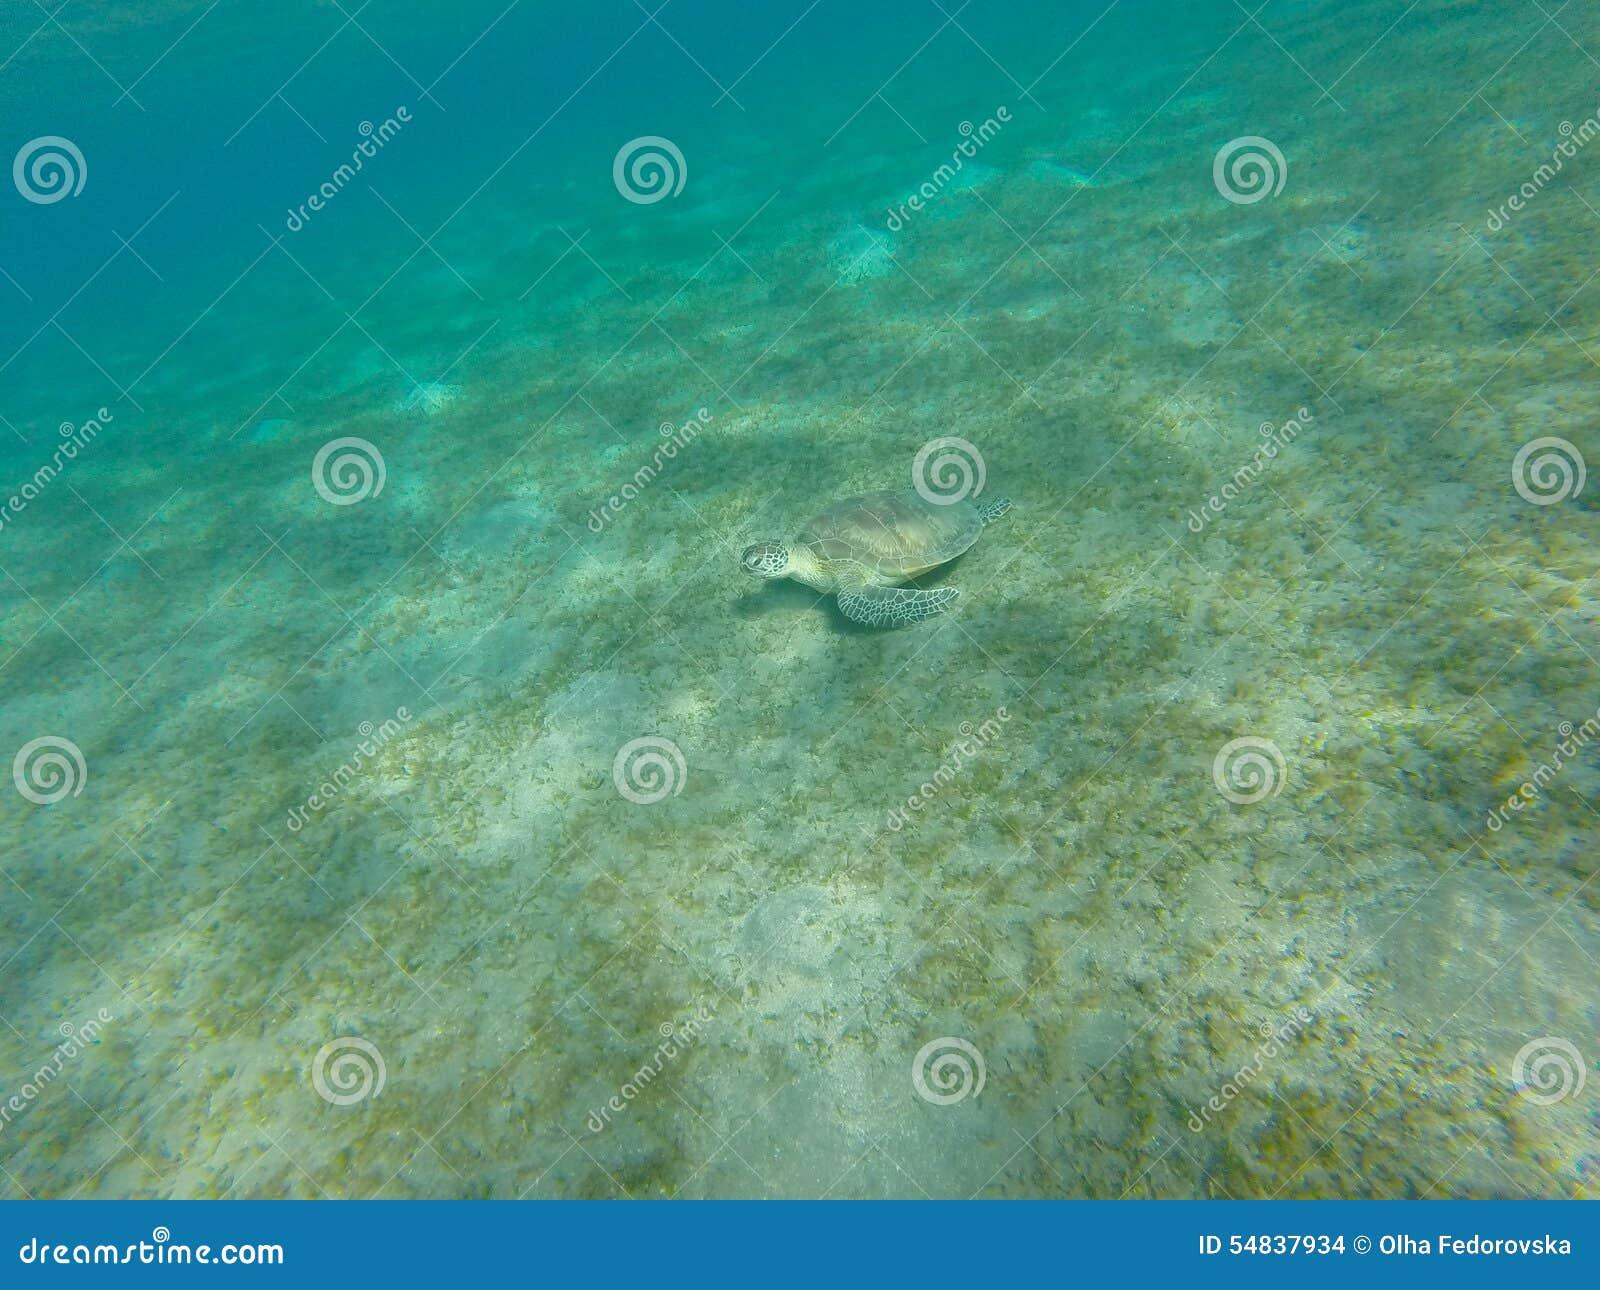 Συνεδρίαση χελωνών στον πυθμένα της θάλασσας καλυμμένο Ερυθρά Θάλασσα sinai υποβρύχιο